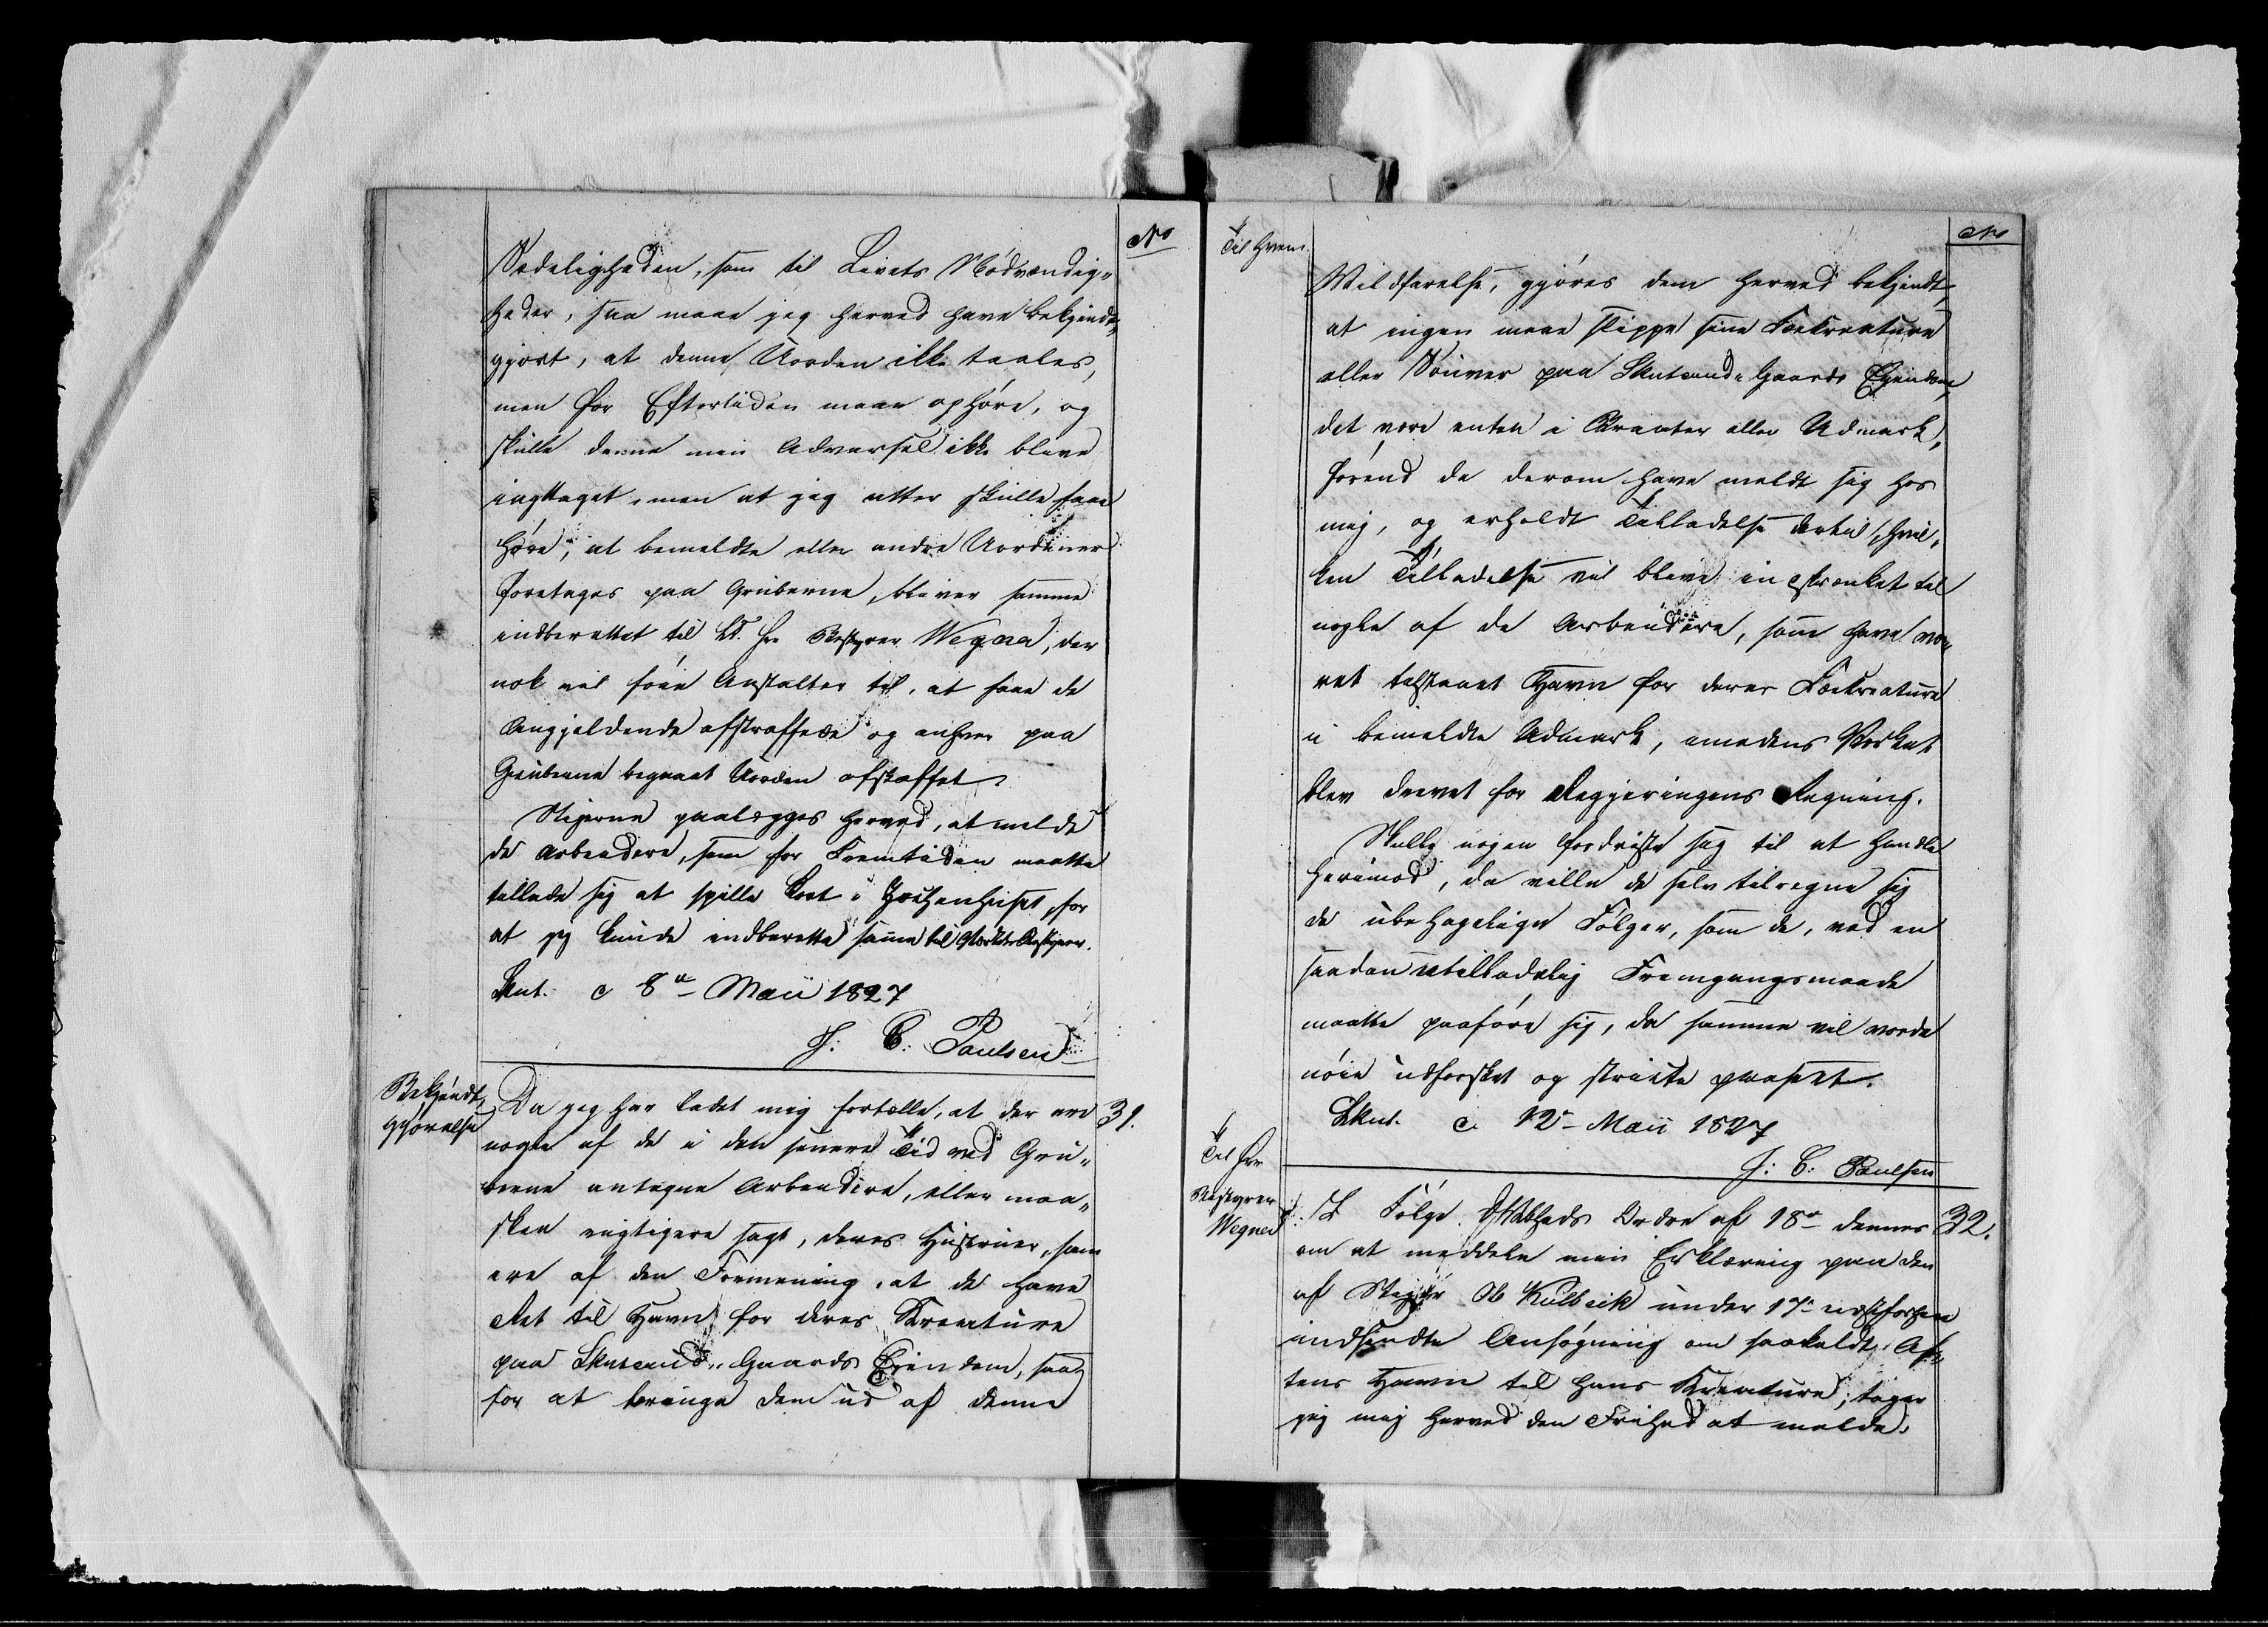 RA, Modums Blaafarveværk, G/Gb/L0082: --, 1826-1830, s. 20